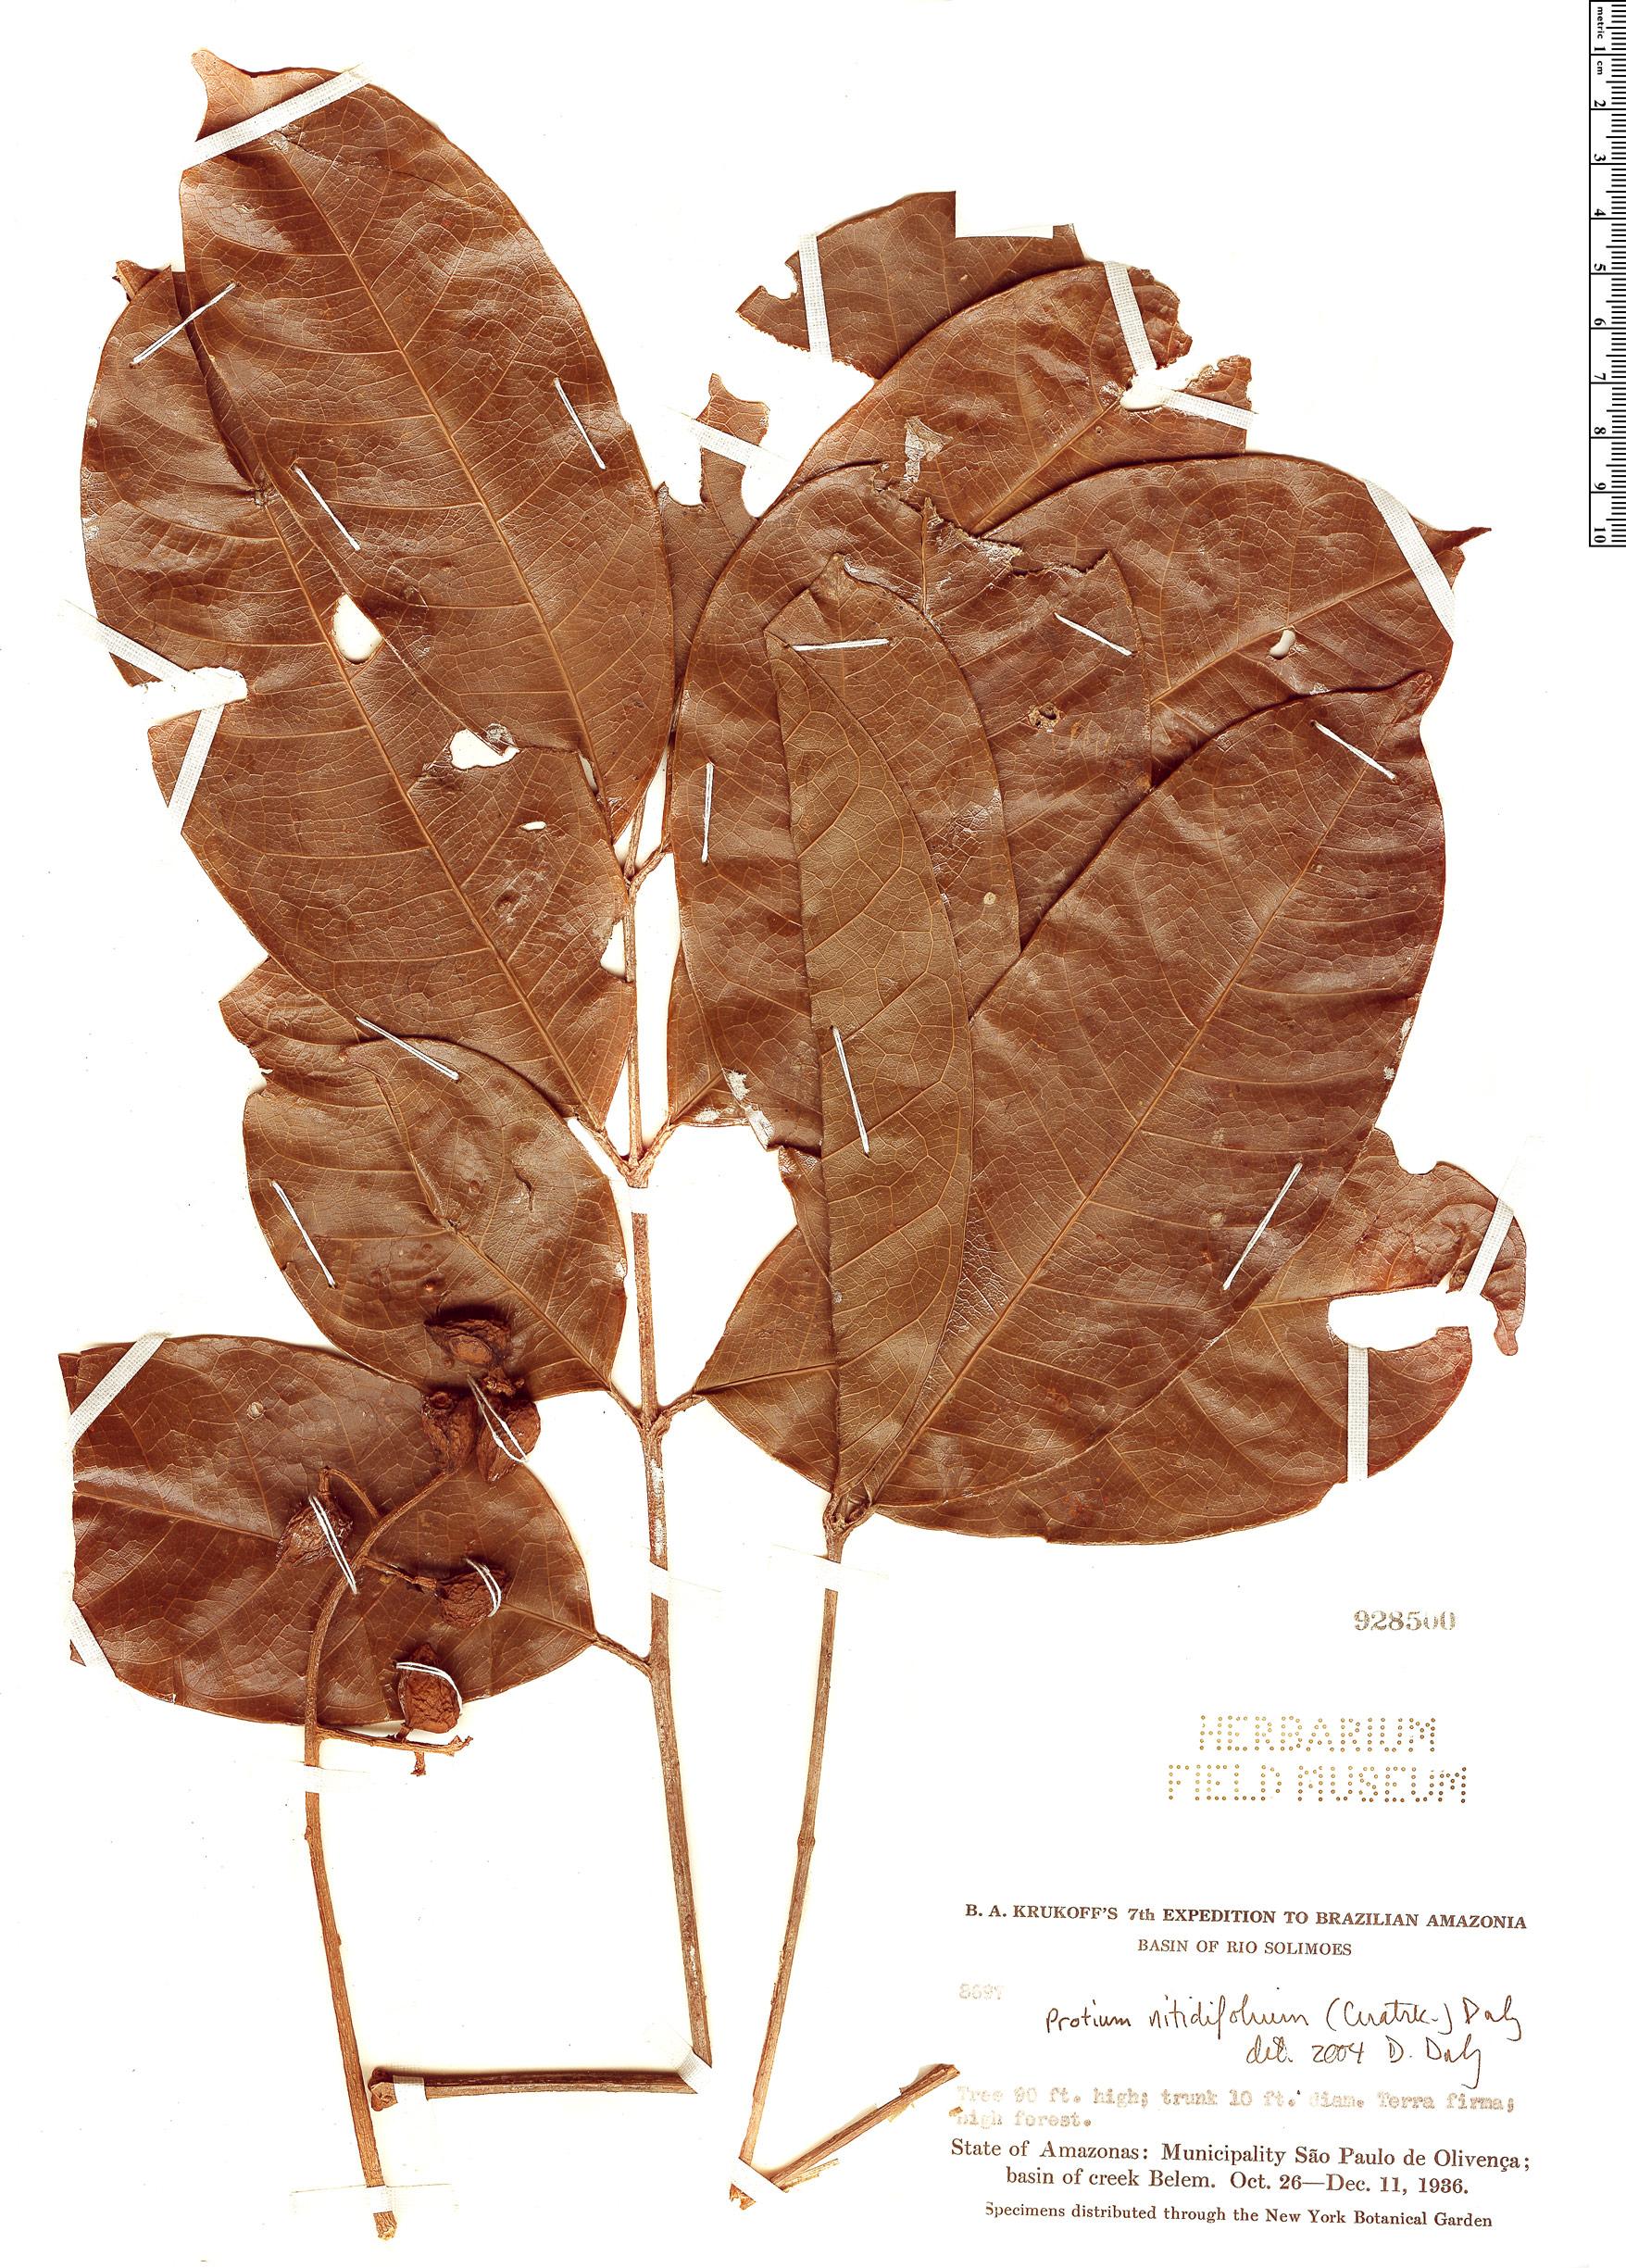 Specimen: Protium nitidifolium